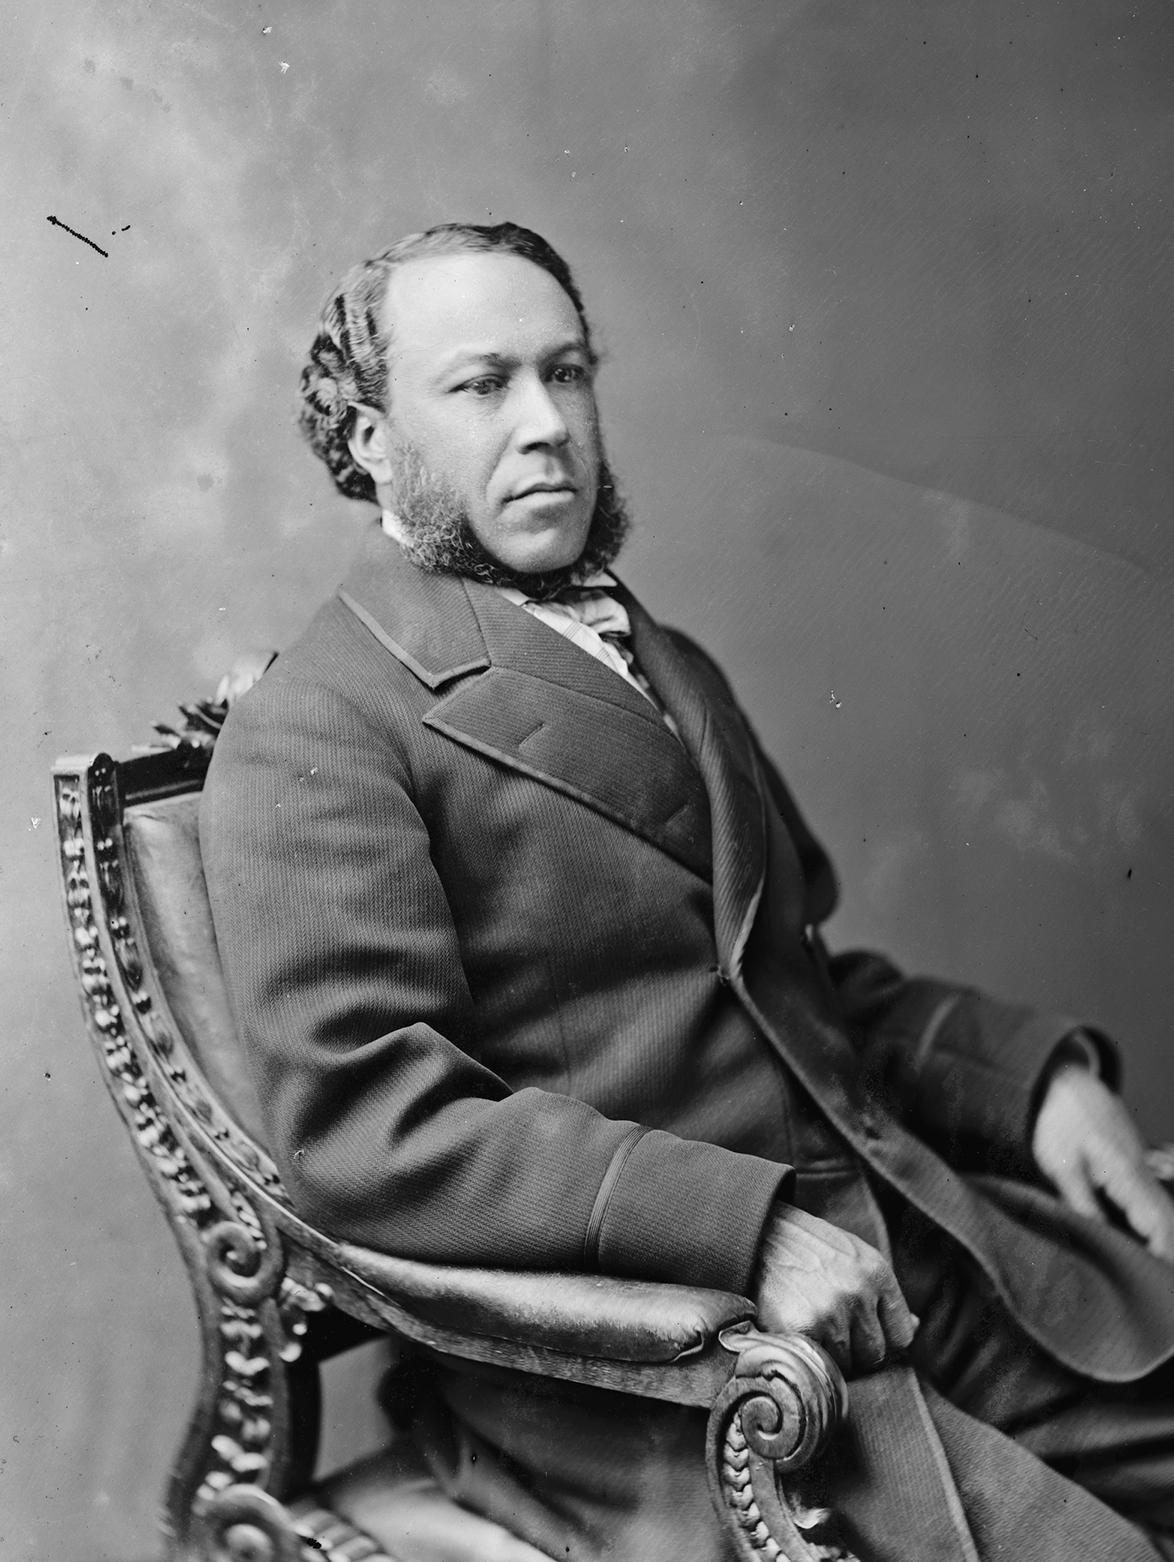 Joseph Rainey